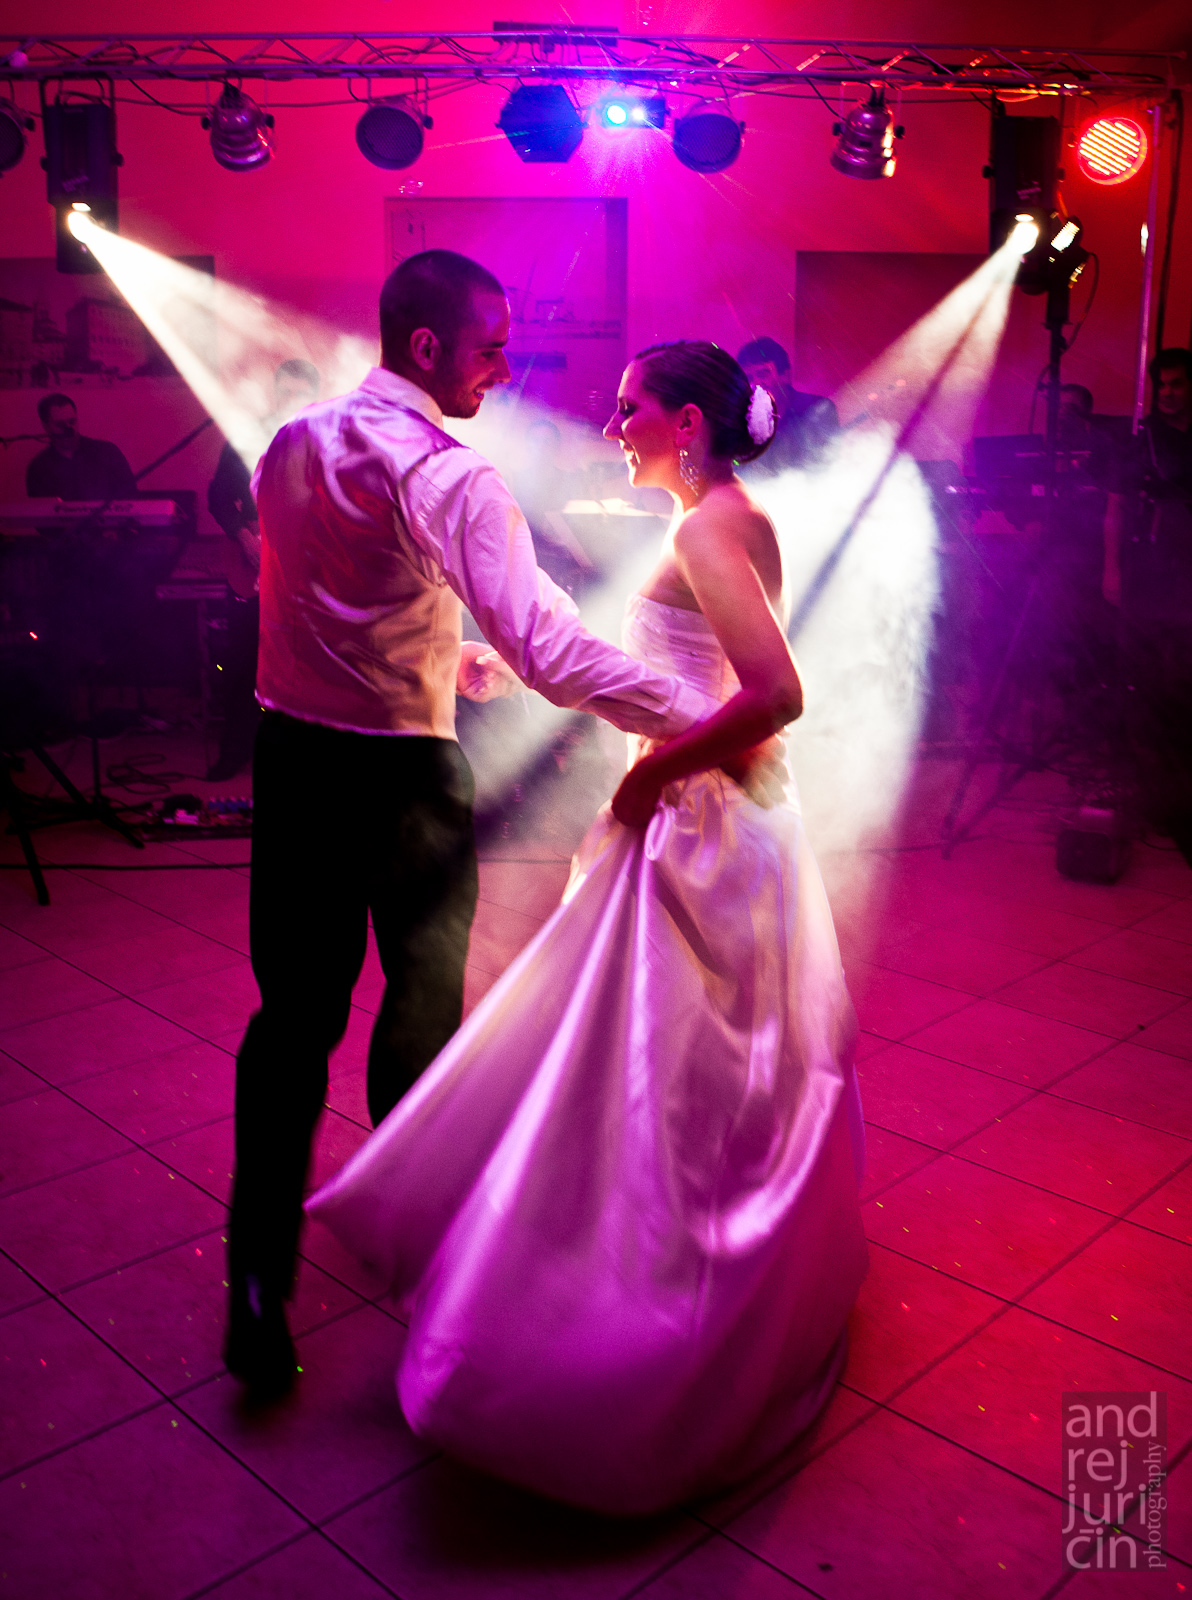 Rasvjeta za vjenčanja zadar, rasvjeta za vjenčanja, Specijalni efekti na vjenčanju, Svjetlosni efekti na vjenčanjima, rasvjeta za vjenčanja split, Rasvjeta na svadbi, Light show za svadbe šibenik, rasvjeta za vjenčanja Makarska, dekorativno osvjetljenja prostora, light show za svadbe, Svjetlosni efekti na svadbama